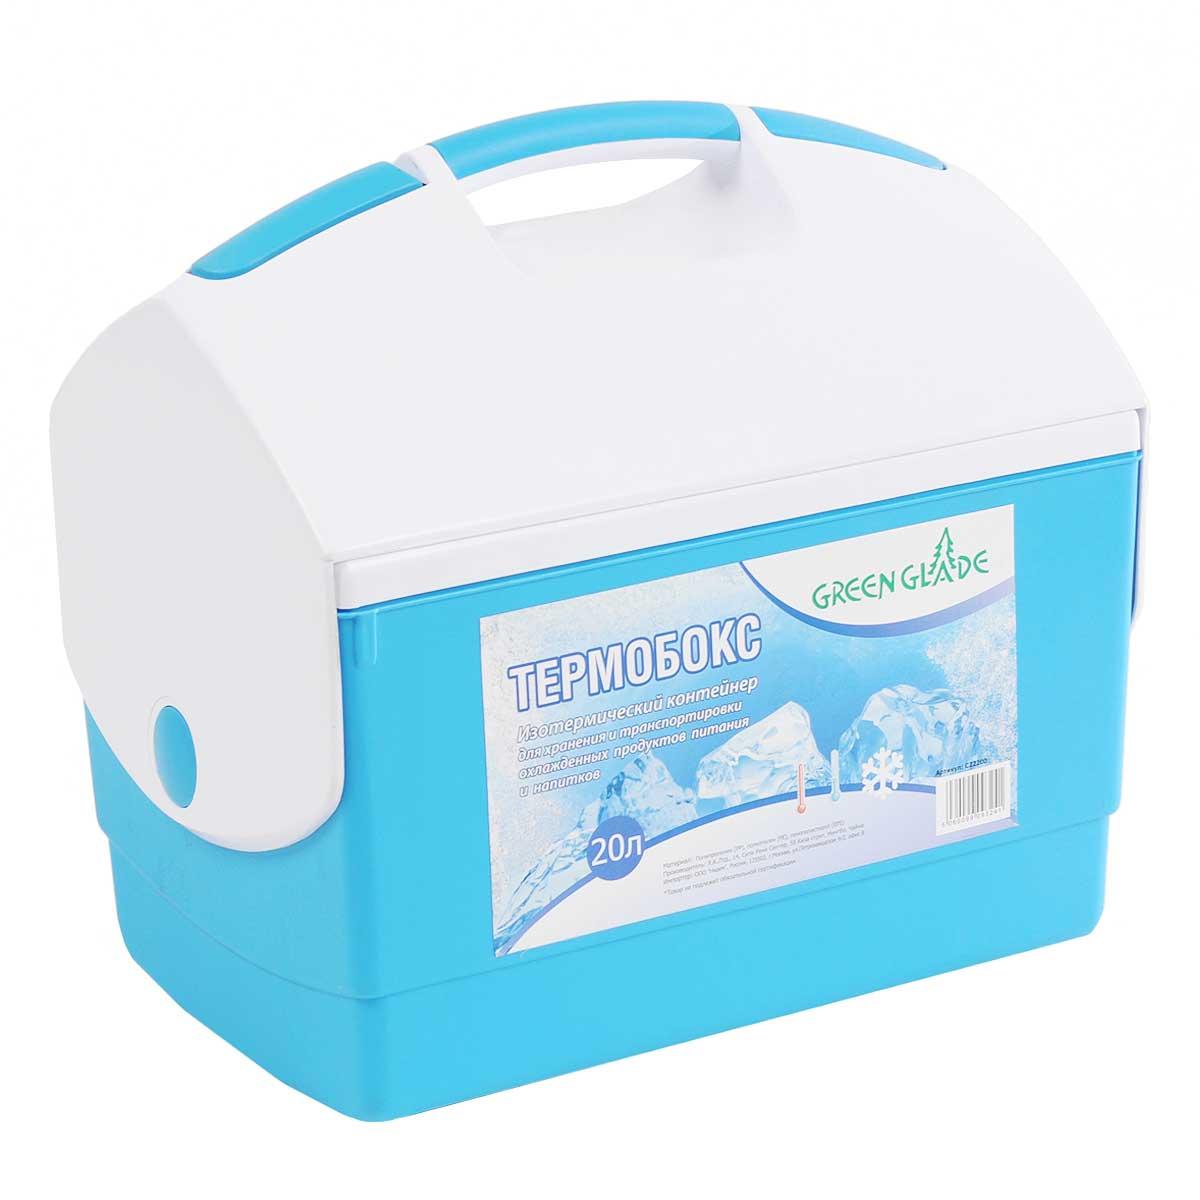 Контейнер изотермический Green Glade, цвет: голубой, 20 л. С22200С22200Легкий и прочный изотермический контейнер Green Glade предназначен для сохранения определенной температуры продуктов во время длительных поездок. Корпус и крышка контейнера изготовлены из высококачественного пластика. Между двойными стенками находится термоизоляционный слой, который обеспечивает сохранение температуры. На ручке имеется специальная кнопка, которая блокирует крышку и препятствует случайному открытию контейнера.При использовании аккумулятора холода контейнер обеспечивает сохранение продуктов холодными до 12 часов. Контейнер идеально подходит для отдыха на природе, пикников, туристических походов и путешествий.Контейнеры Green Glade можно использовать не только для сохранения холодных продуктов, но и для транспортировки горячих блюд. В этом случае аккумуляторы нагреваются в горячей воде (температура около 80°С) и превращаются в аккумуляторы тепла. Подготовленные блюда перед транспортировкой подогреваются и укладываются в контейнер. Объем контейнера: 20 л.Размер контейнера: 41 см х 38 см х28 см.